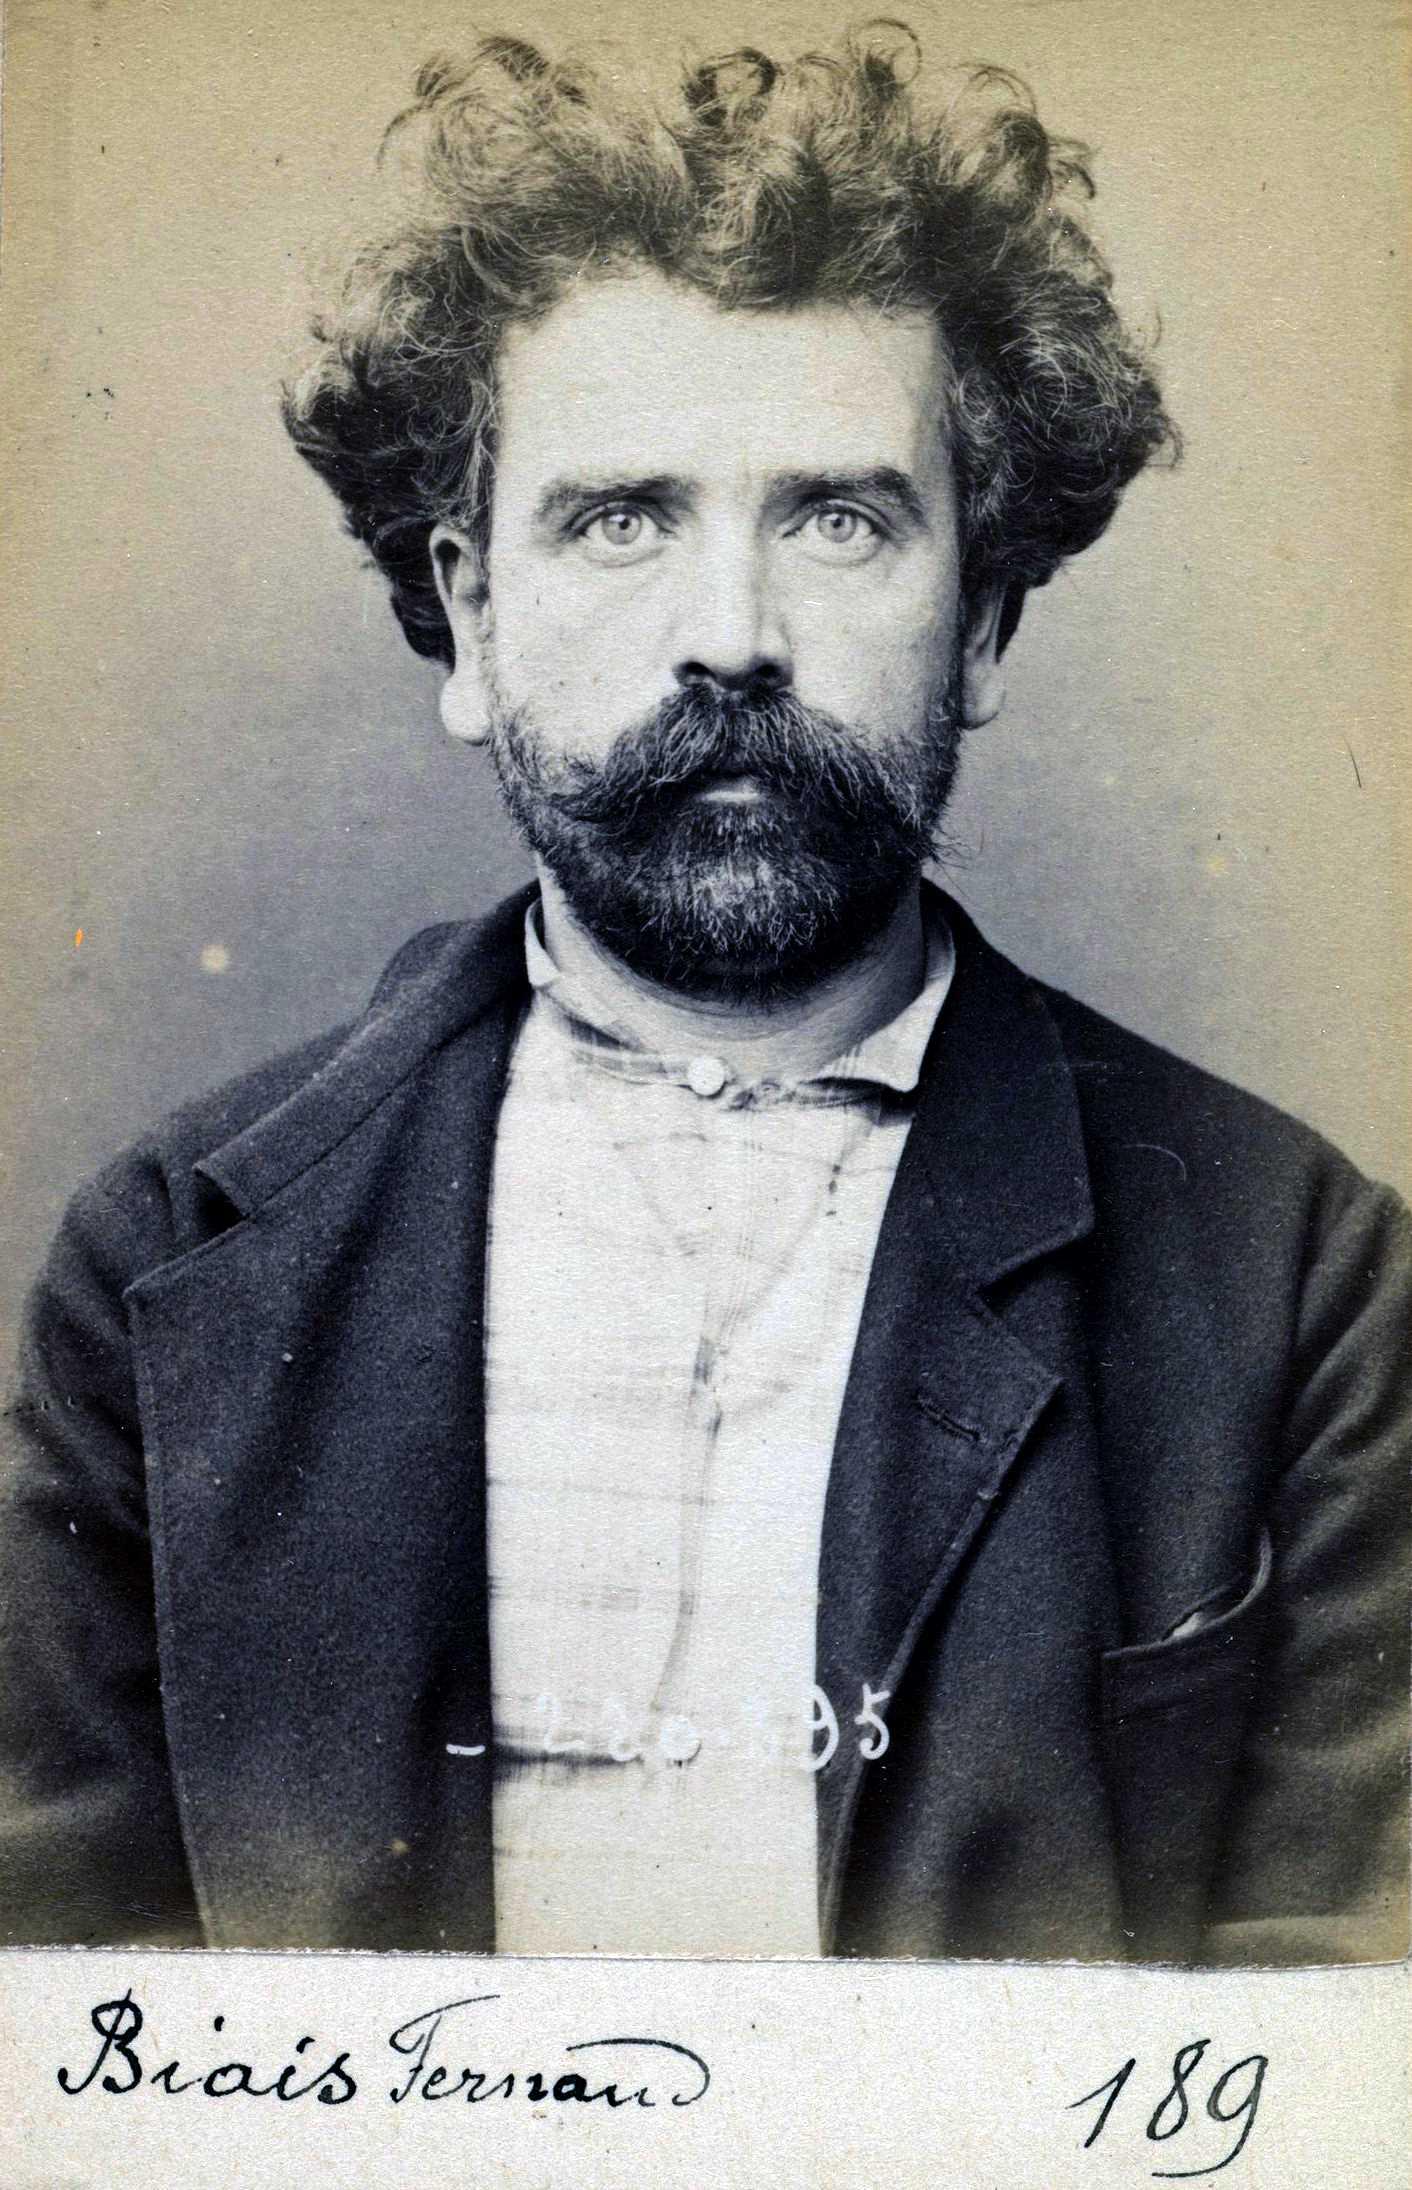 Foto policíaca de Fernand Biais (2 de juliol de 1894)